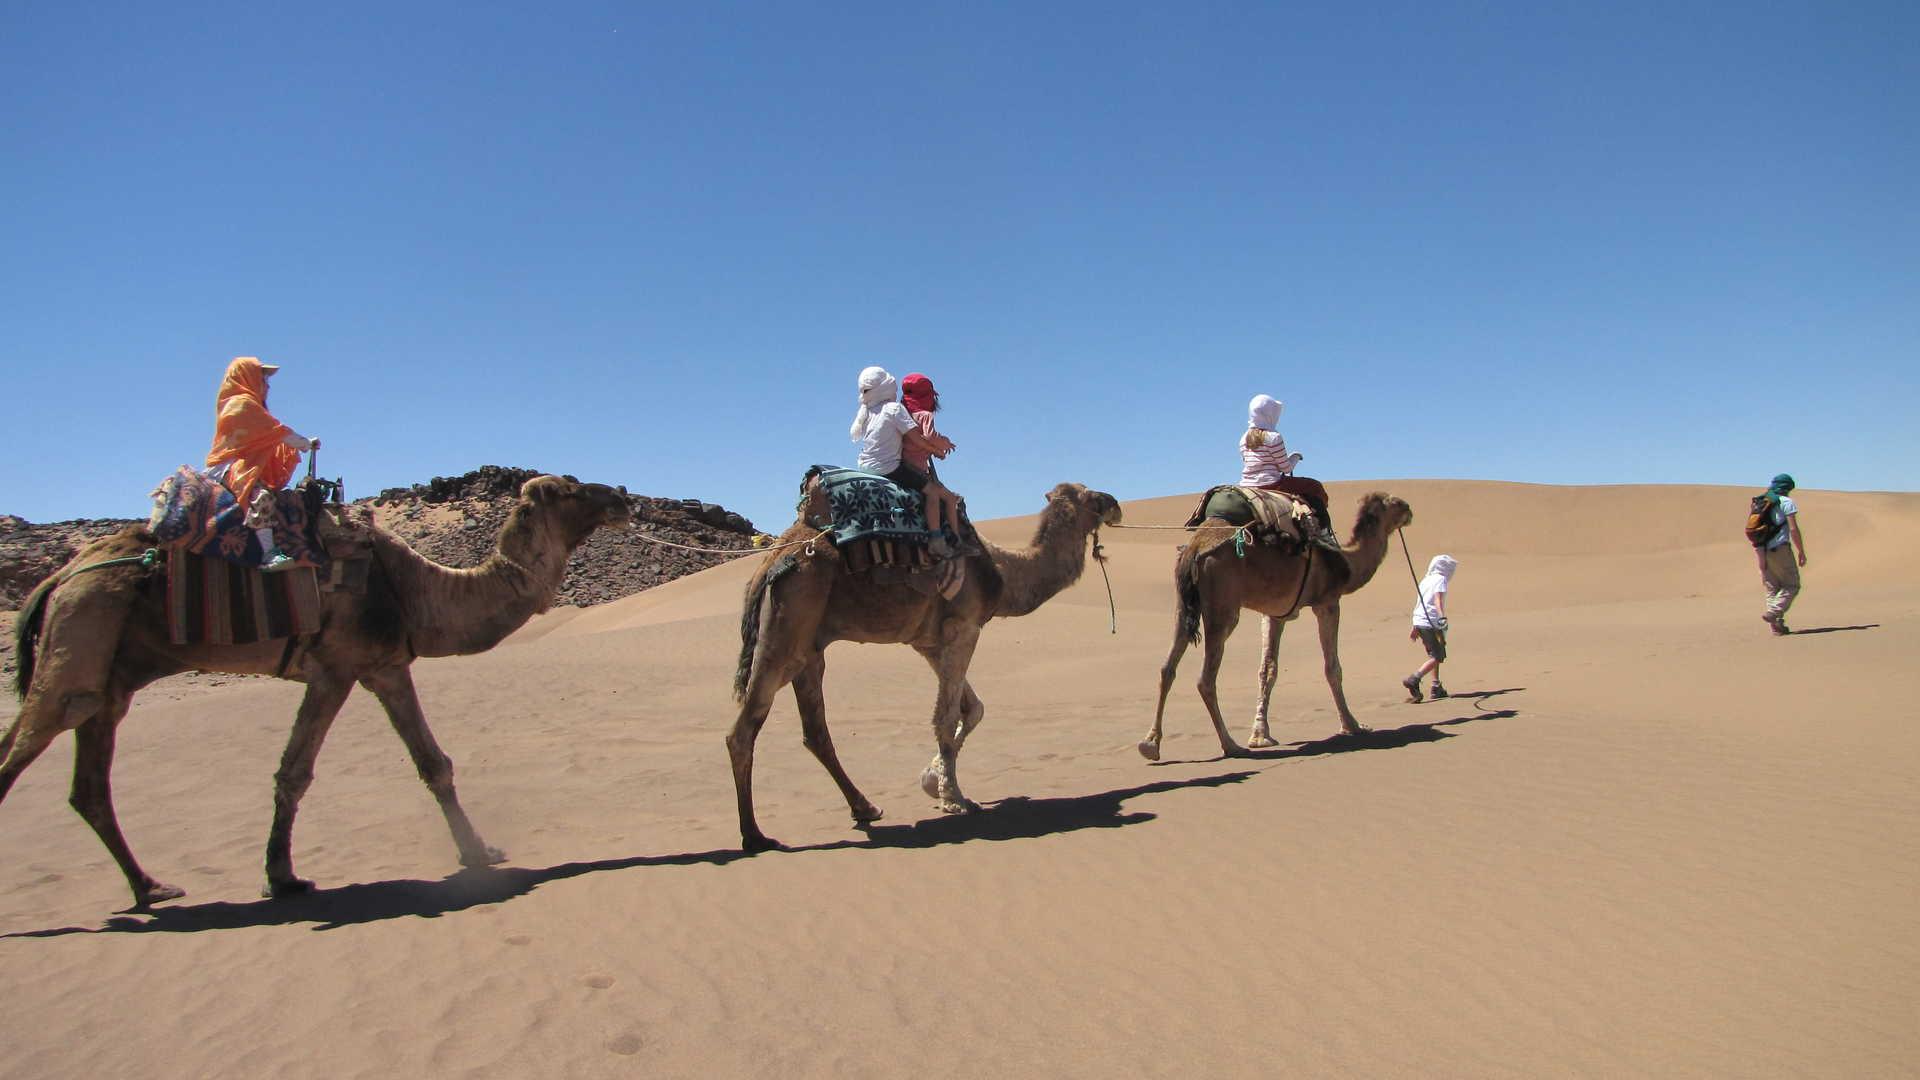 Voyager dans une caravane chamelière dans le désert